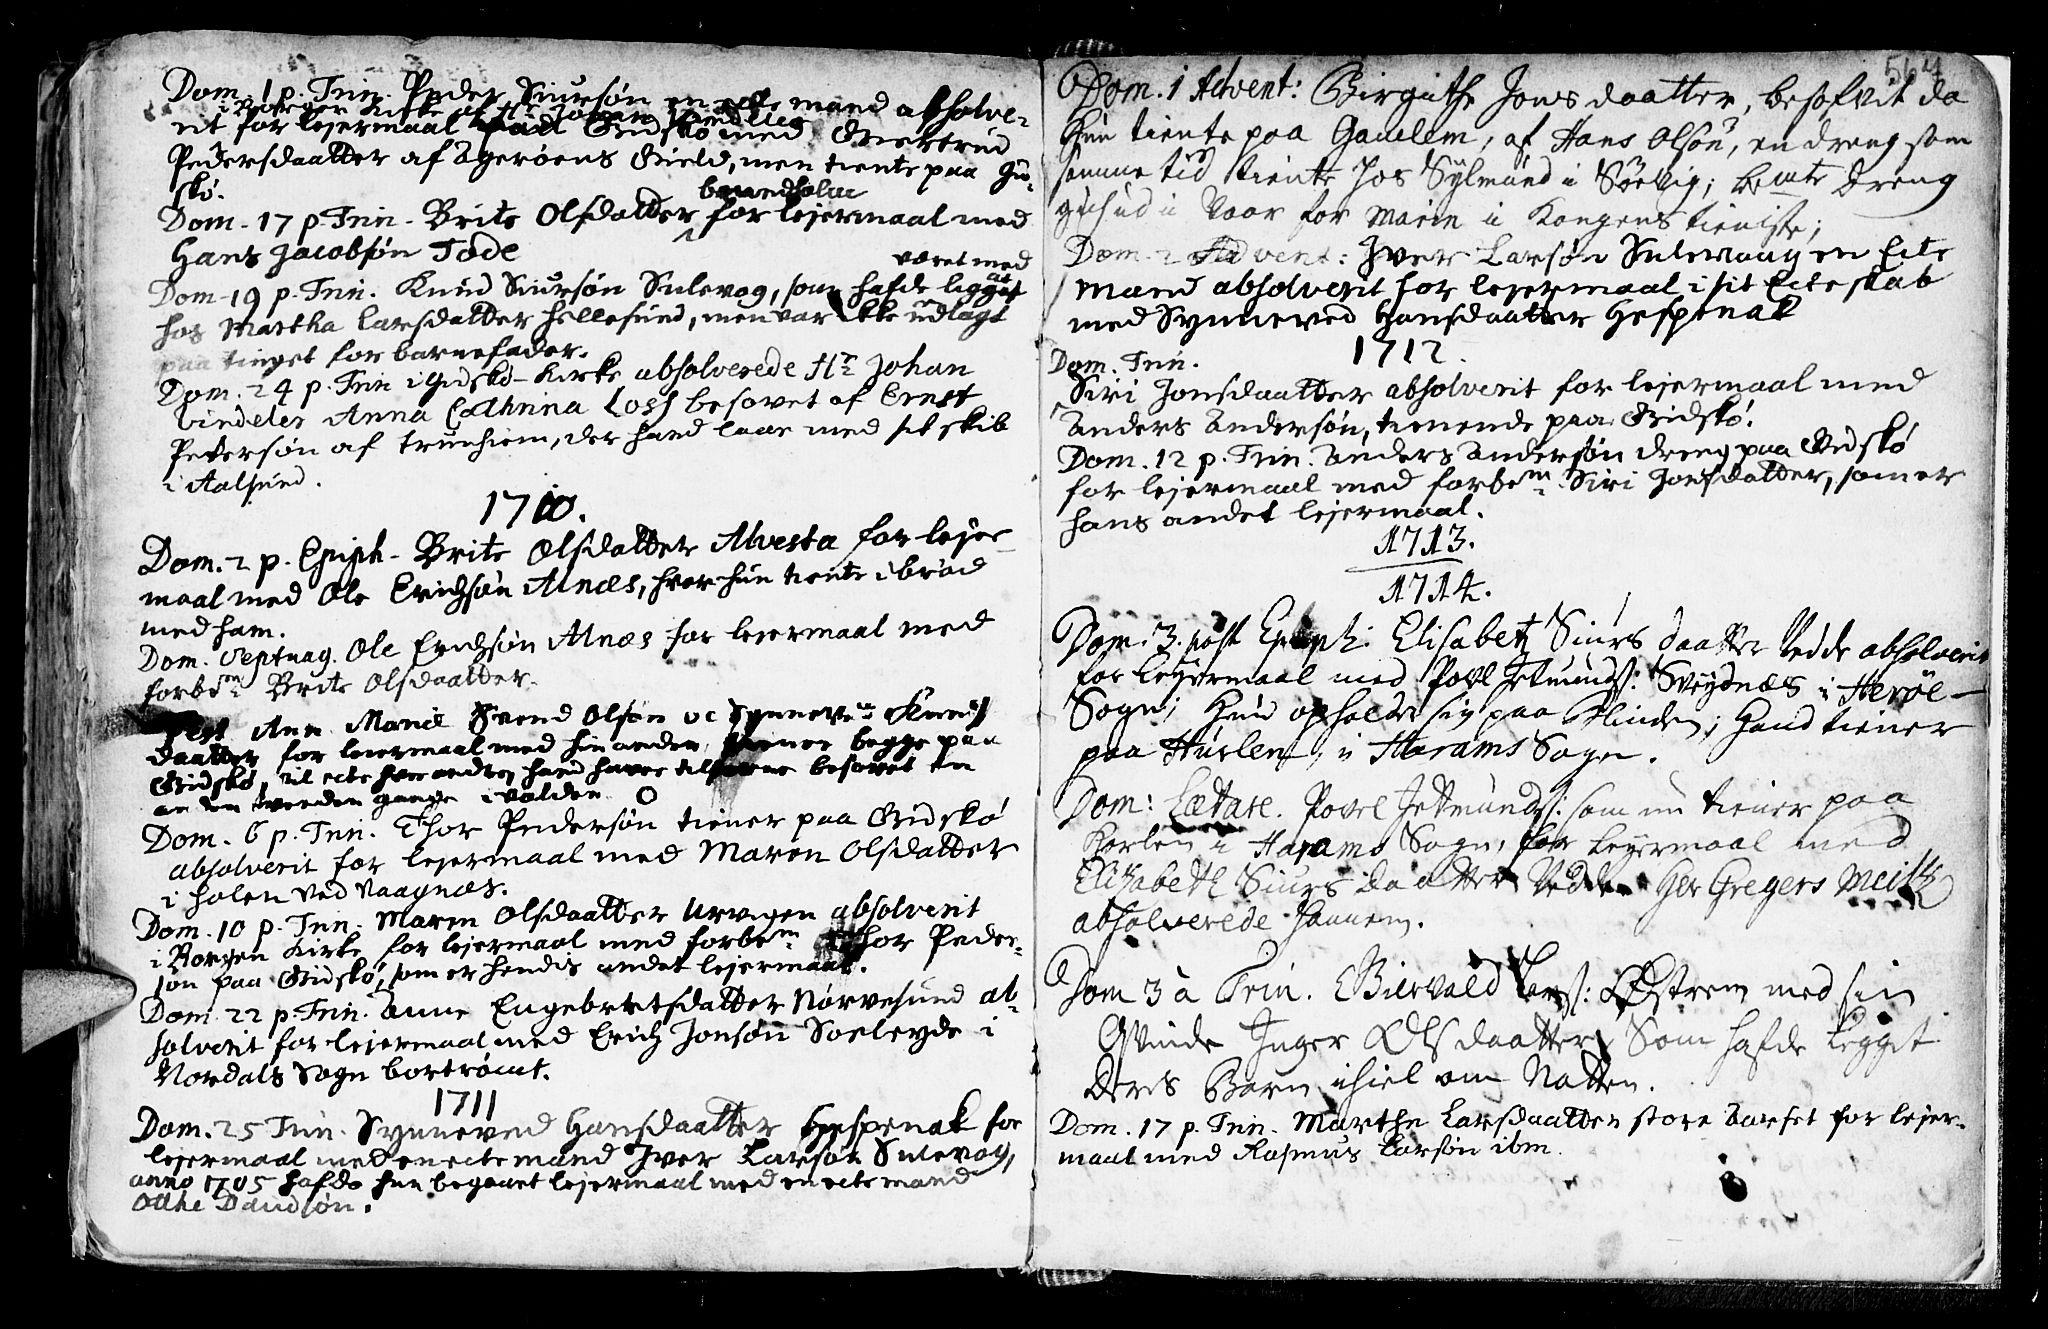 SAT, Ministerialprotokoller, klokkerbøker og fødselsregistre - Møre og Romsdal, 528/L0390: Ministerialbok nr. 528A01, 1698-1739, s. 566-567